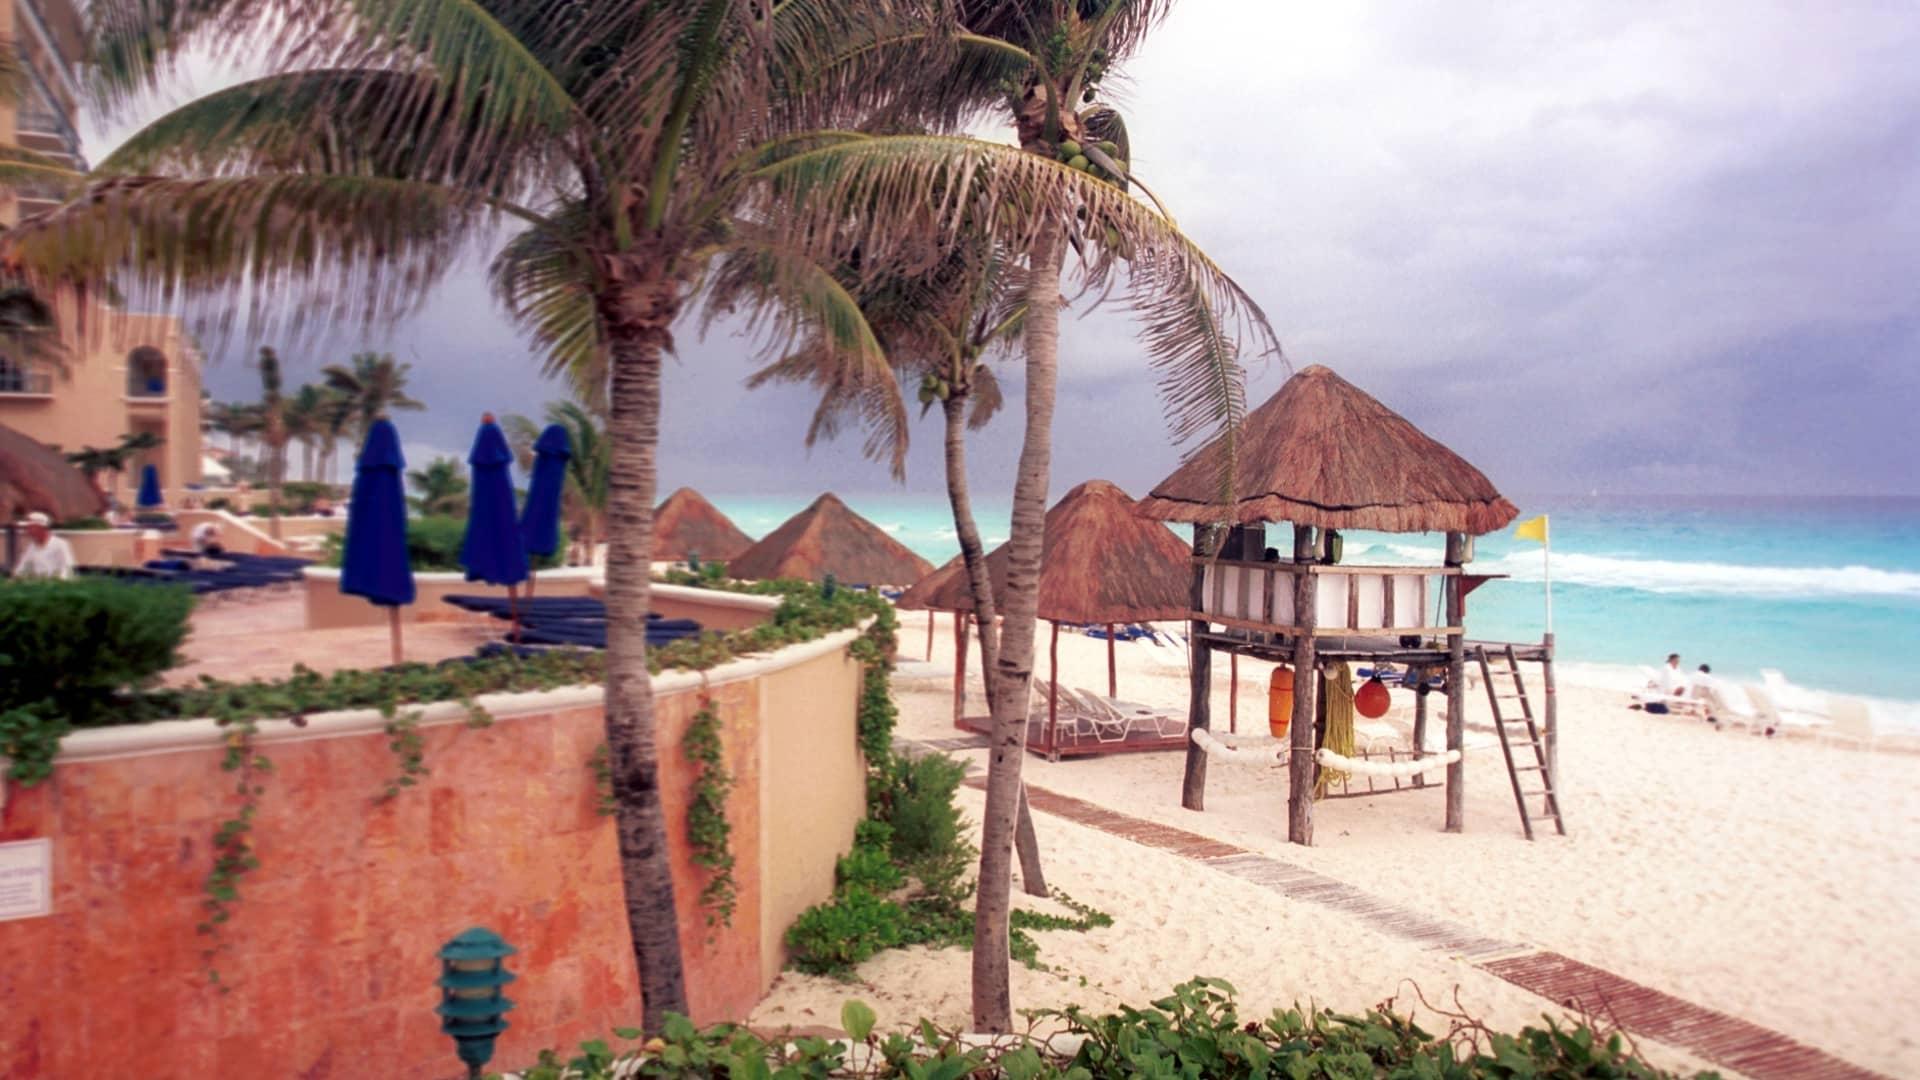 Hotel Ritz Carlton, Cancun